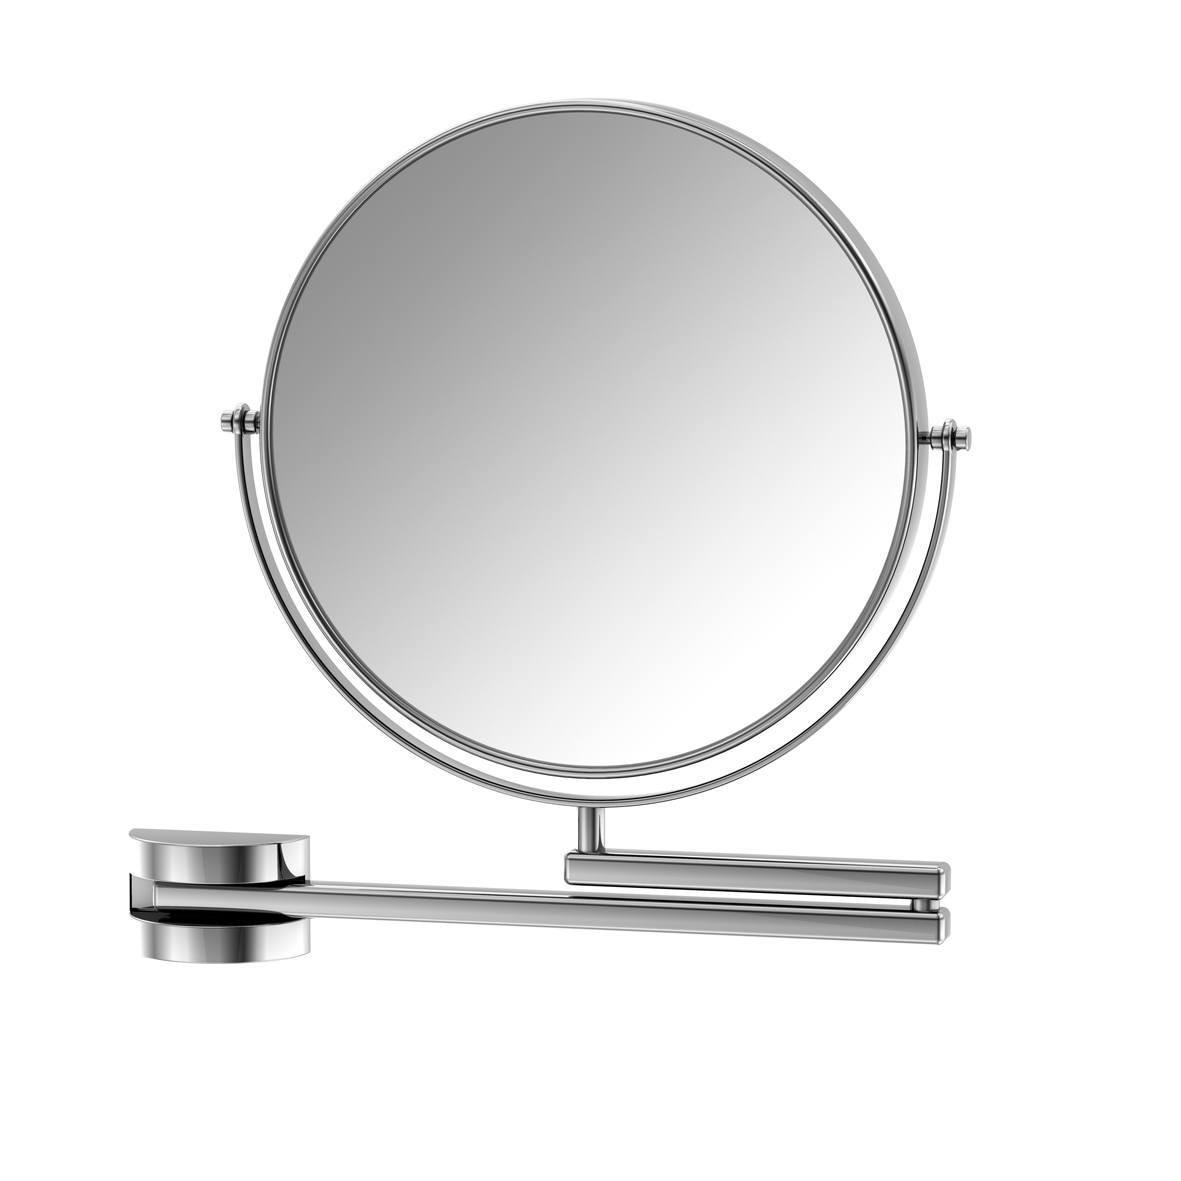 650 9200 Steinberg Serie 650 Kосметичне дзеркало, двостороннє, 1x /3x збільшення, хром